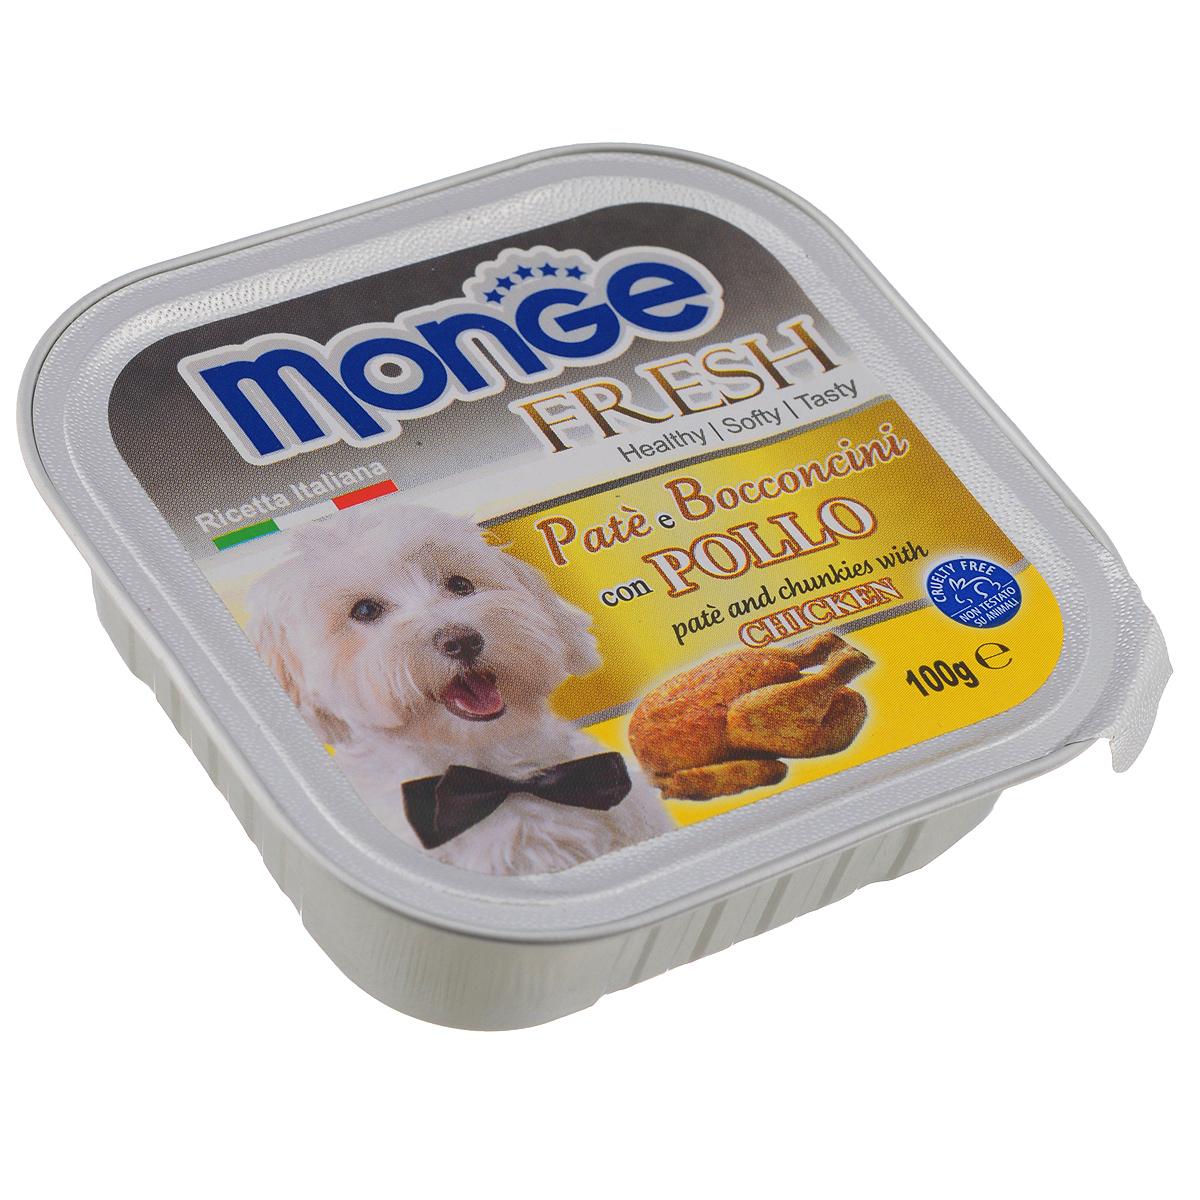 Консервы для собак Monge Fresh, с курицей, 100 г70013062Консервы для собак Monge Fresh - это полнорационный корм для собак. Паштет с мясом курицы. Состав: свежее мясо 80% (содержание курицы мин. 10%), минеральные вещества, витамины. Технологические добавки: загустители и желирующие вещества. Анализ компонентов: белок 9%, жир 7%, сырая клетчатка 0,5%, сырая зола 1,2%, влажность 82%. Витамины и добавки на 1 кг: витамин А 3000МЕ, витамин D3 400 МЕ, витамин Е 15 мг. Товар сертифицирован.